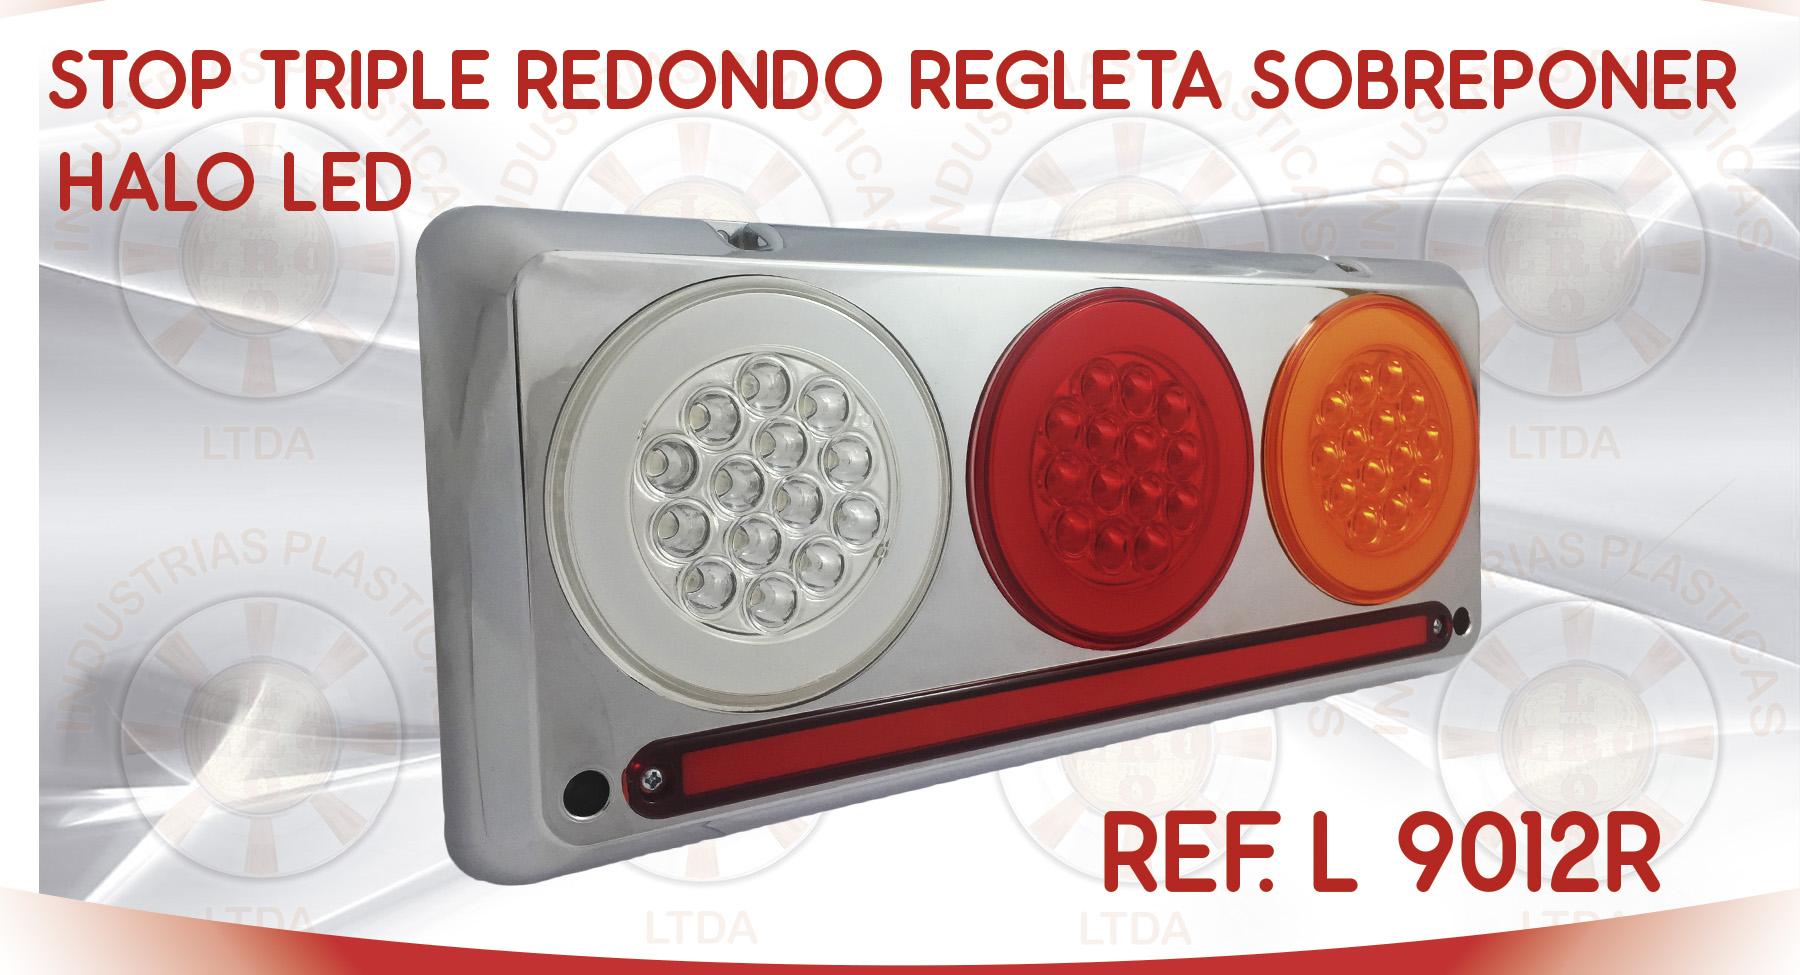 L 9012R STOP TRIPLE REDONDO REGLETA SOBREPONER HALO LED